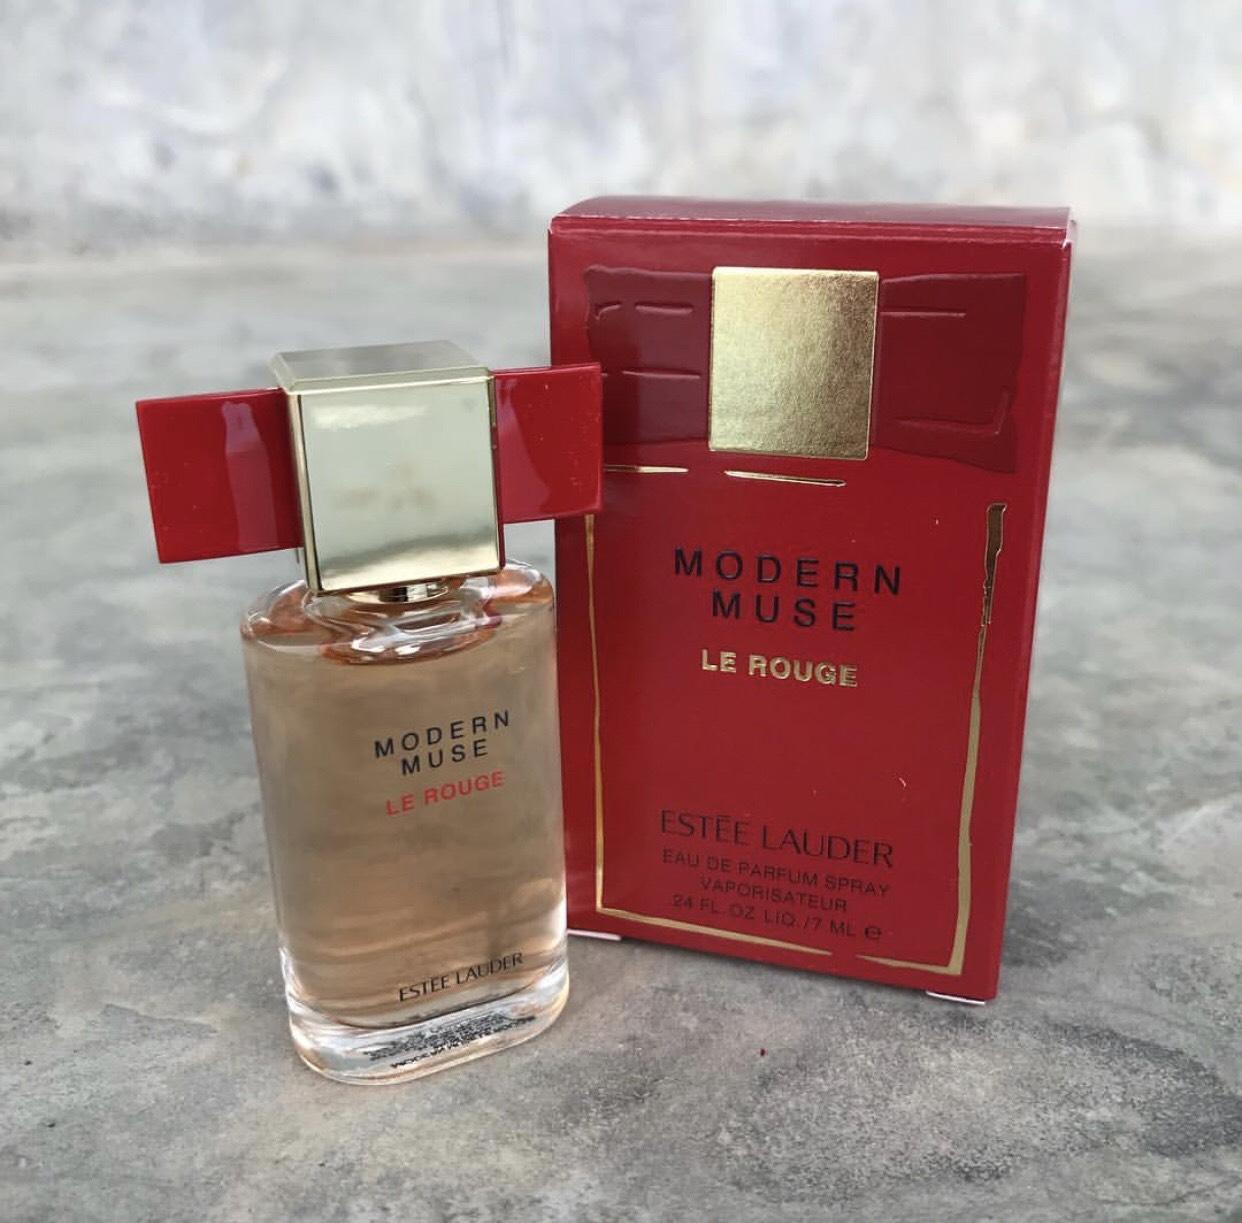 น้ำหอมจิ๋ว Estee Lauder Modern Muse Le Rouge ขนาด 7ml. ของแท้ 100%